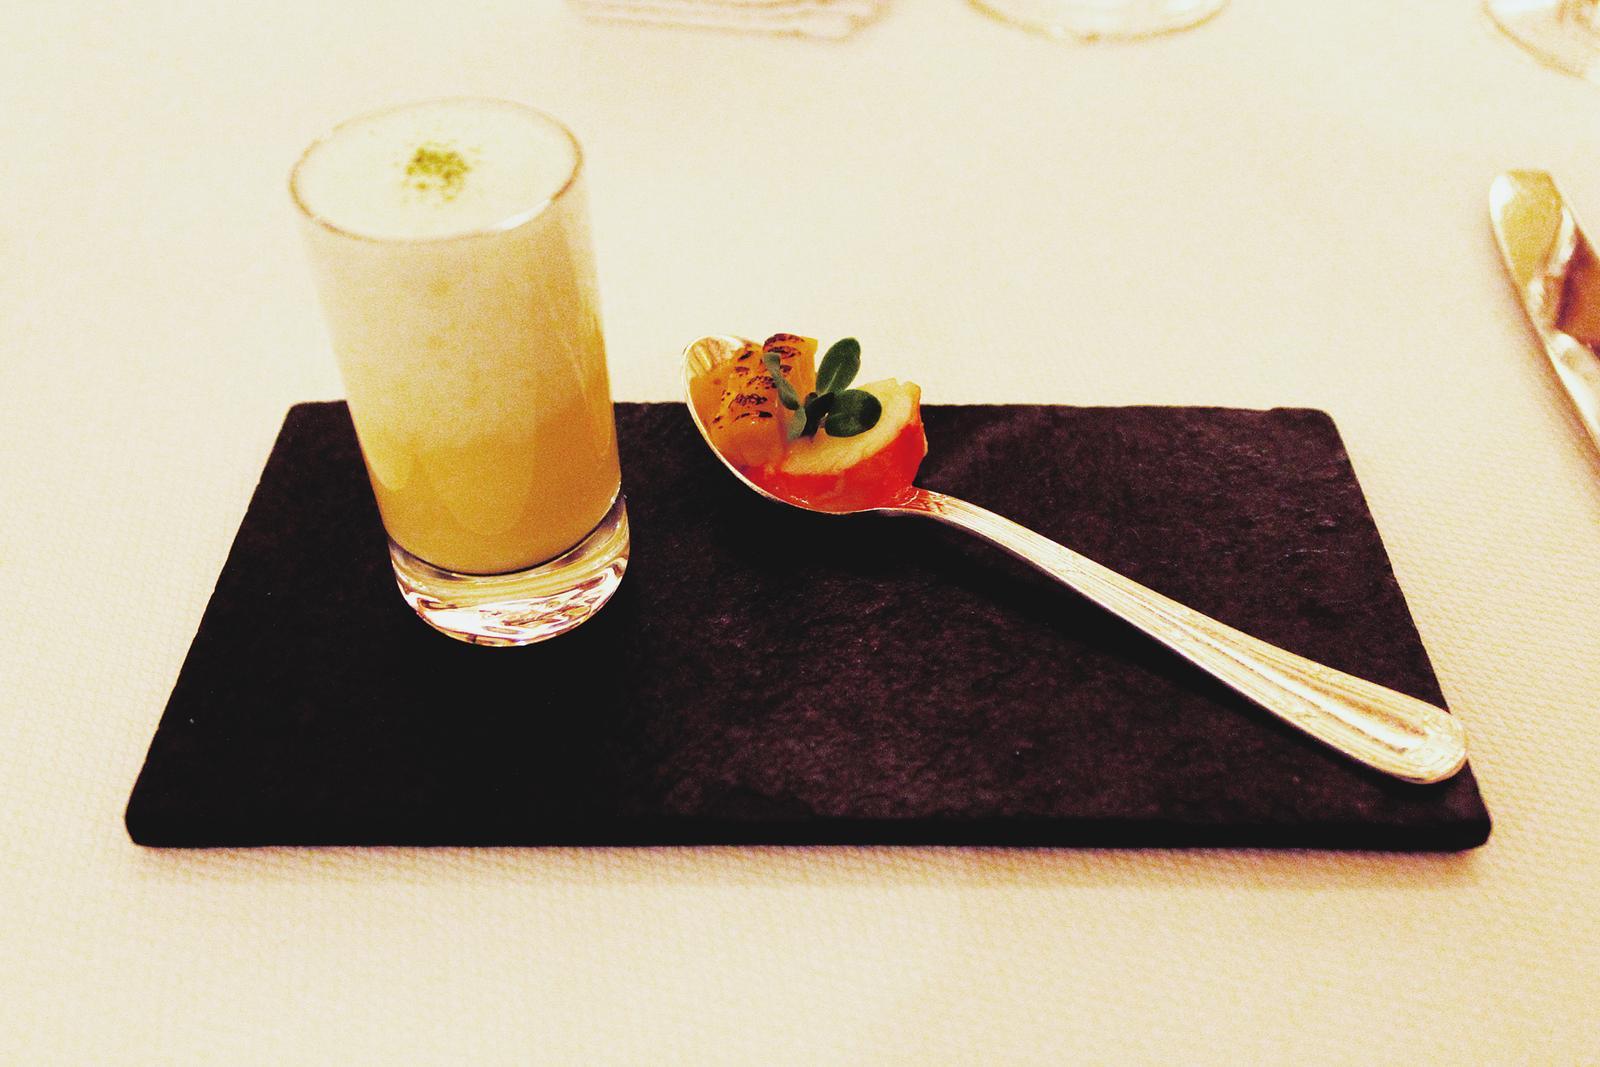 Mexiko Ritz Carlton Maissuppe